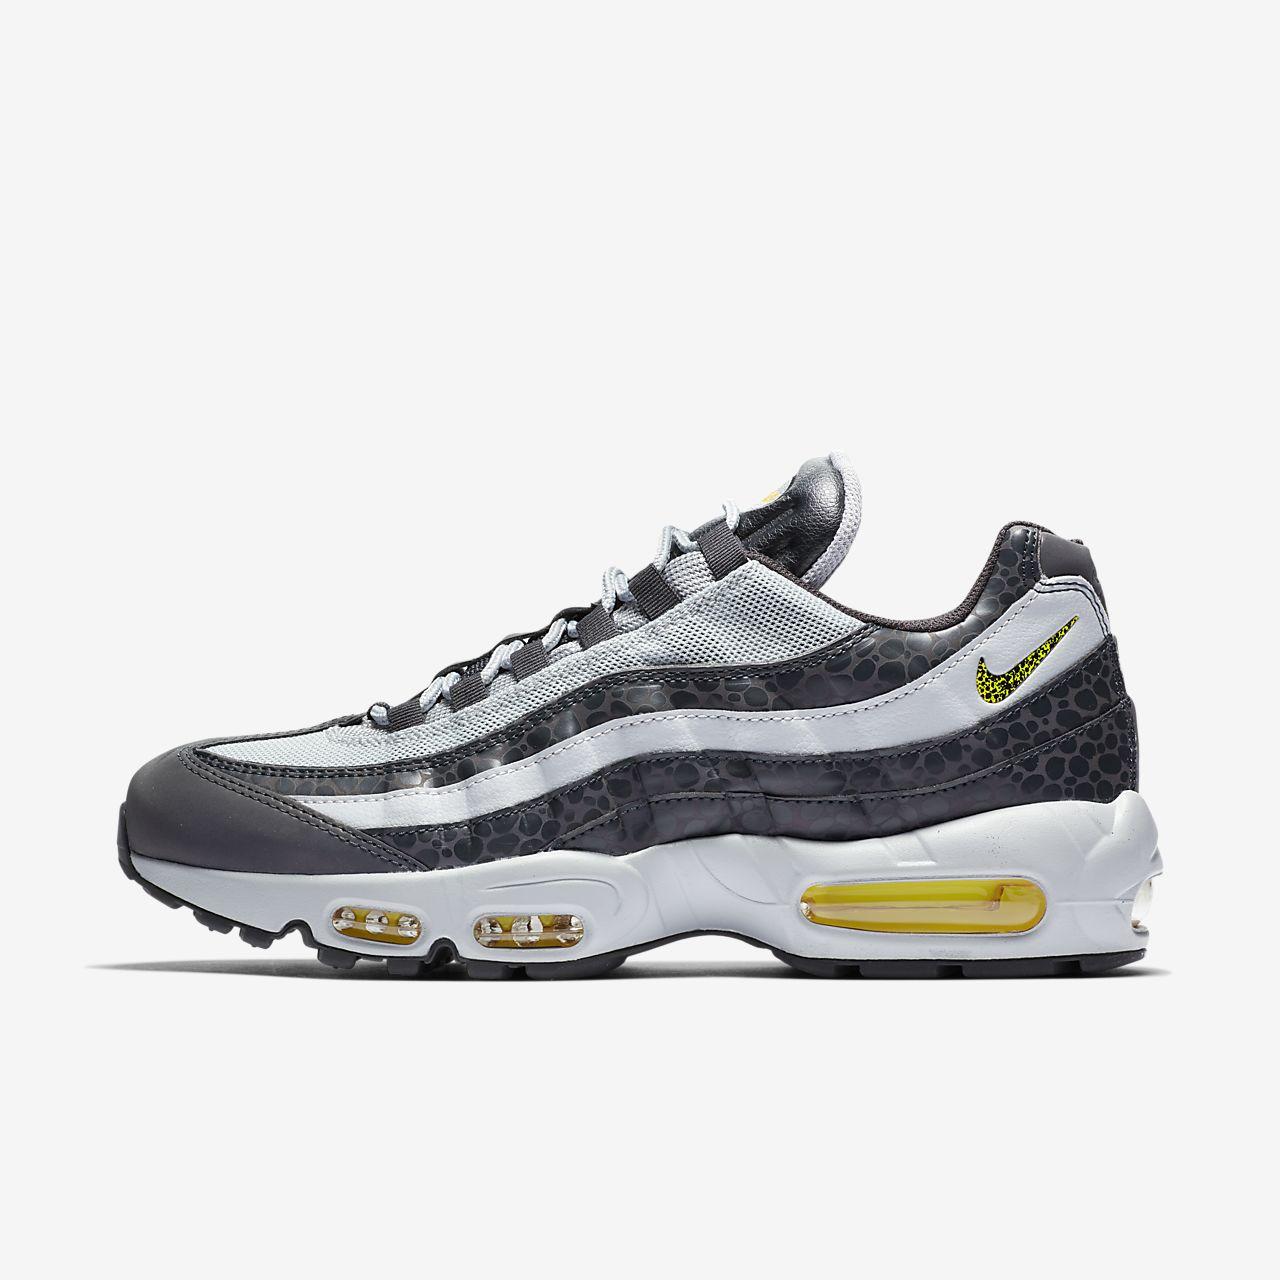 online store 00269 ea25c ... Nike Air Max 95 SE Zapatillas - Hombre